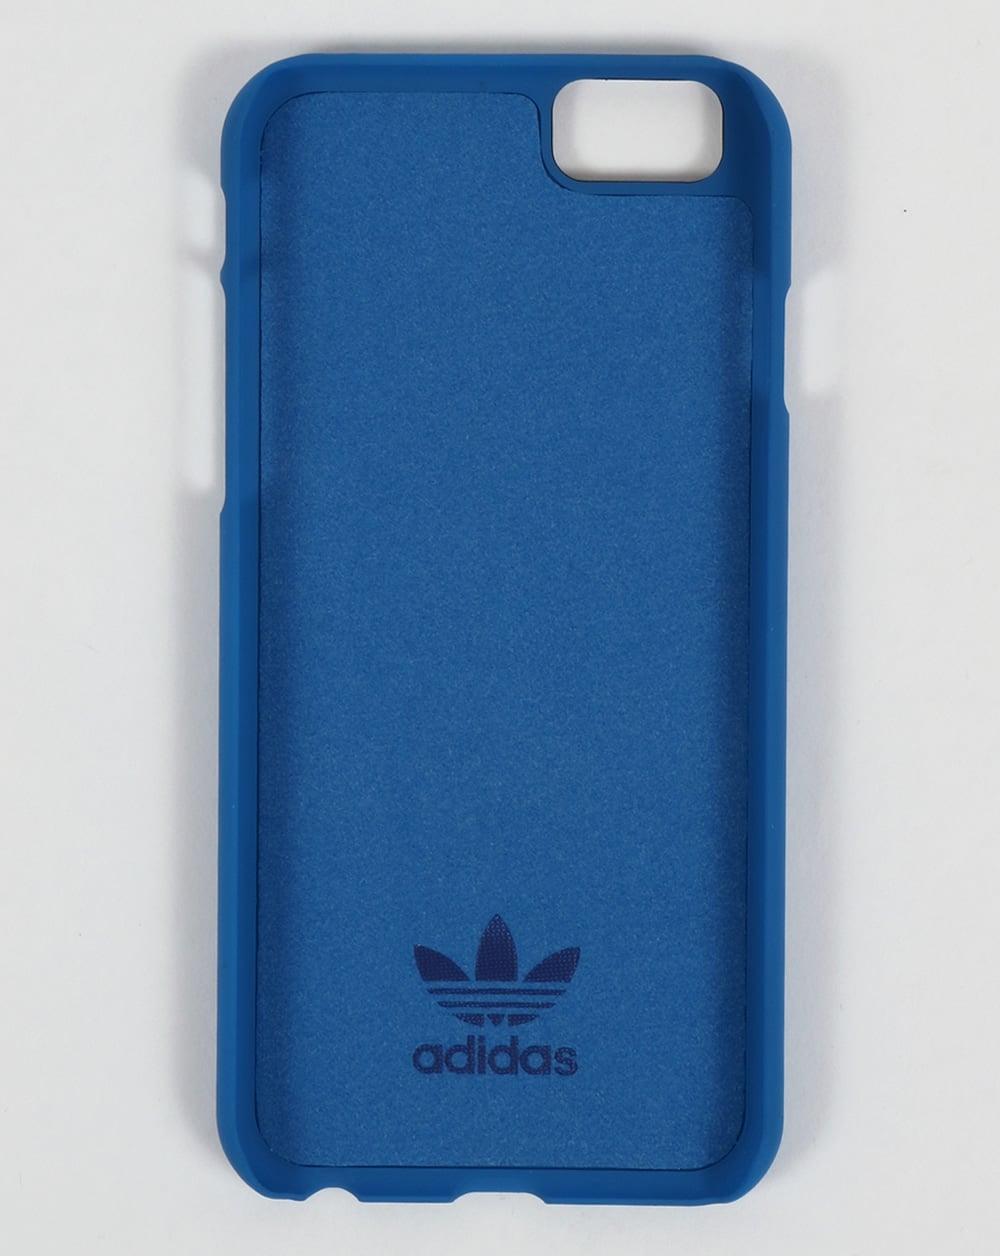 adidas phone case iphone 6